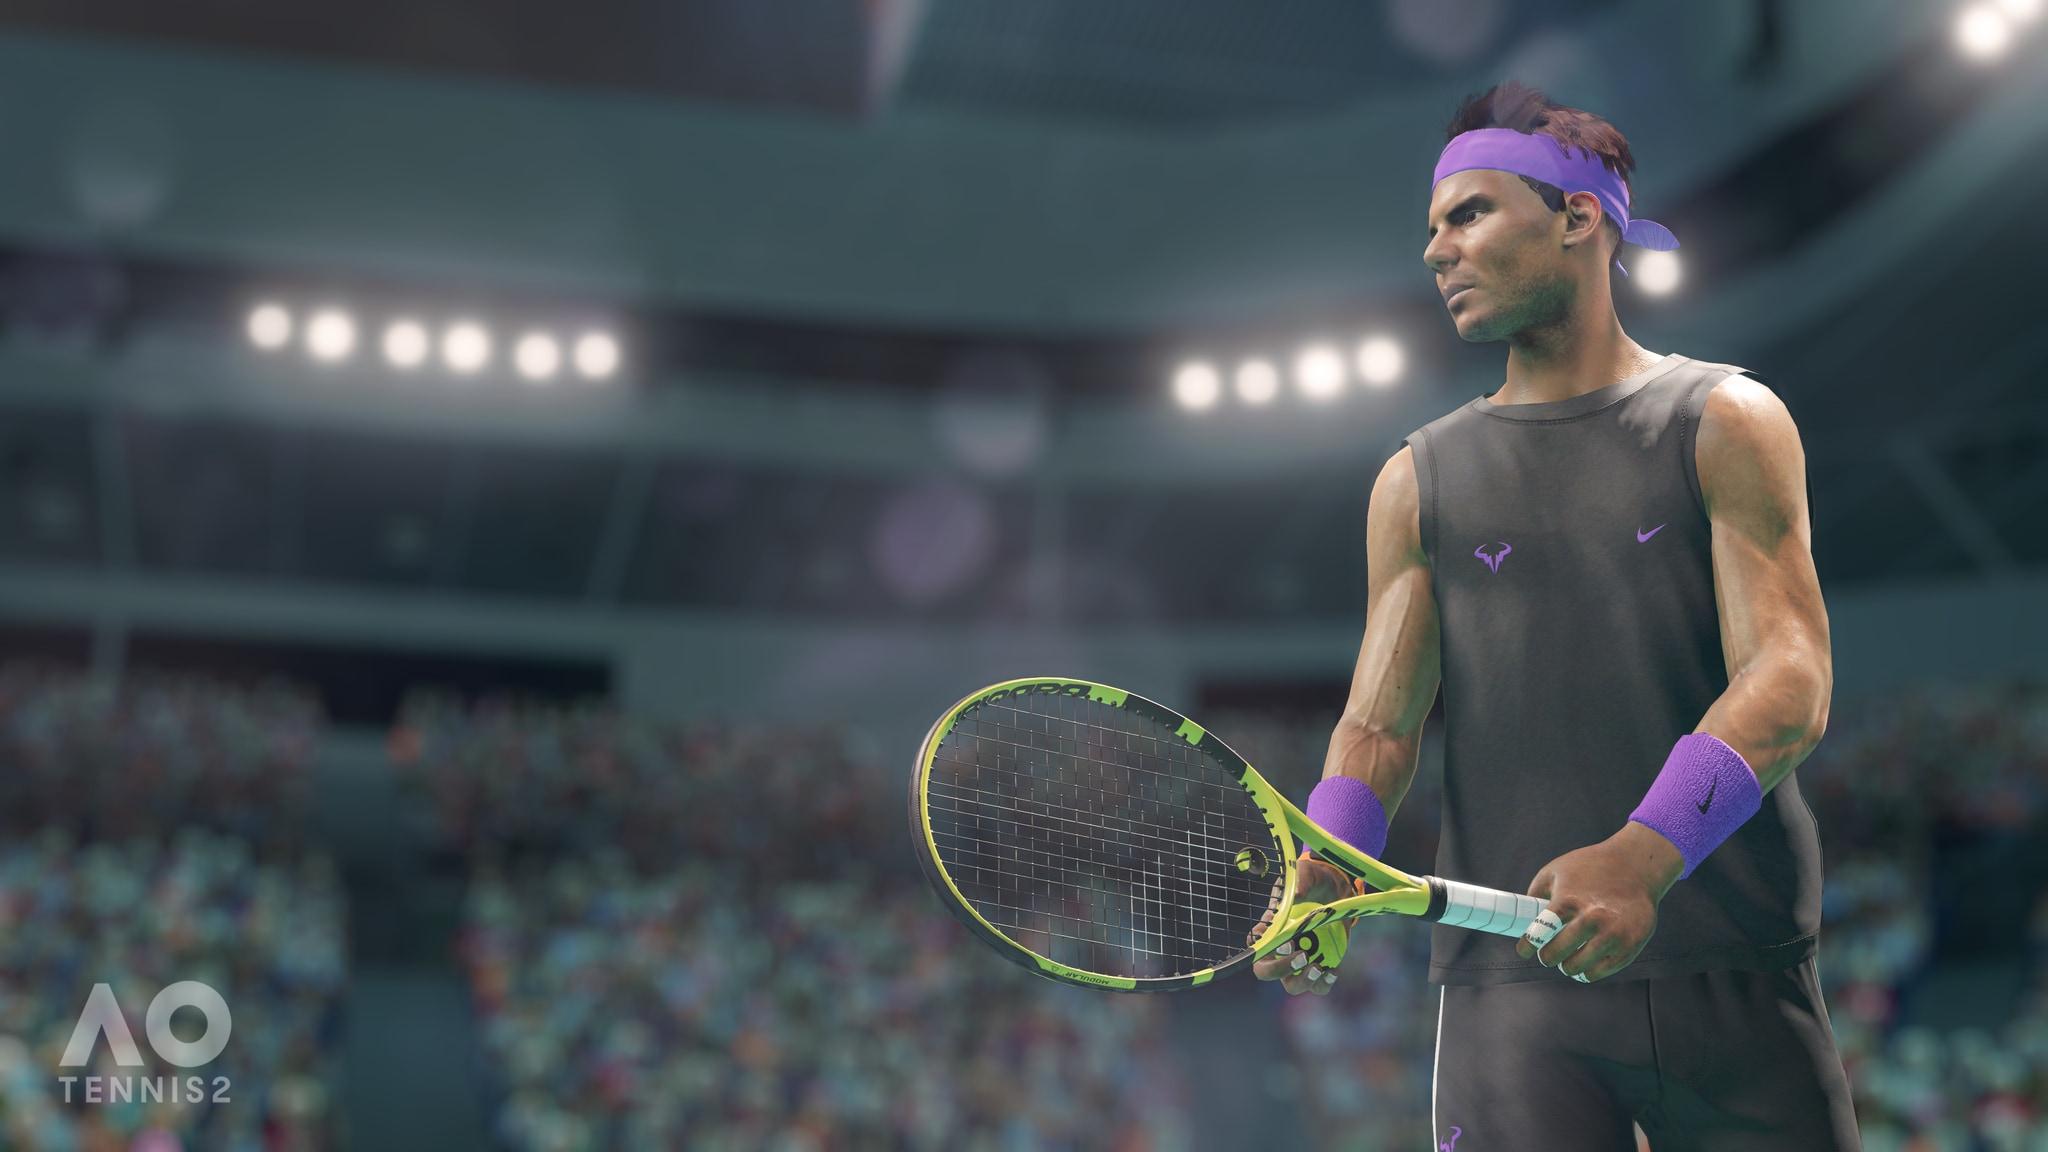 AO Tennis 2 (3)